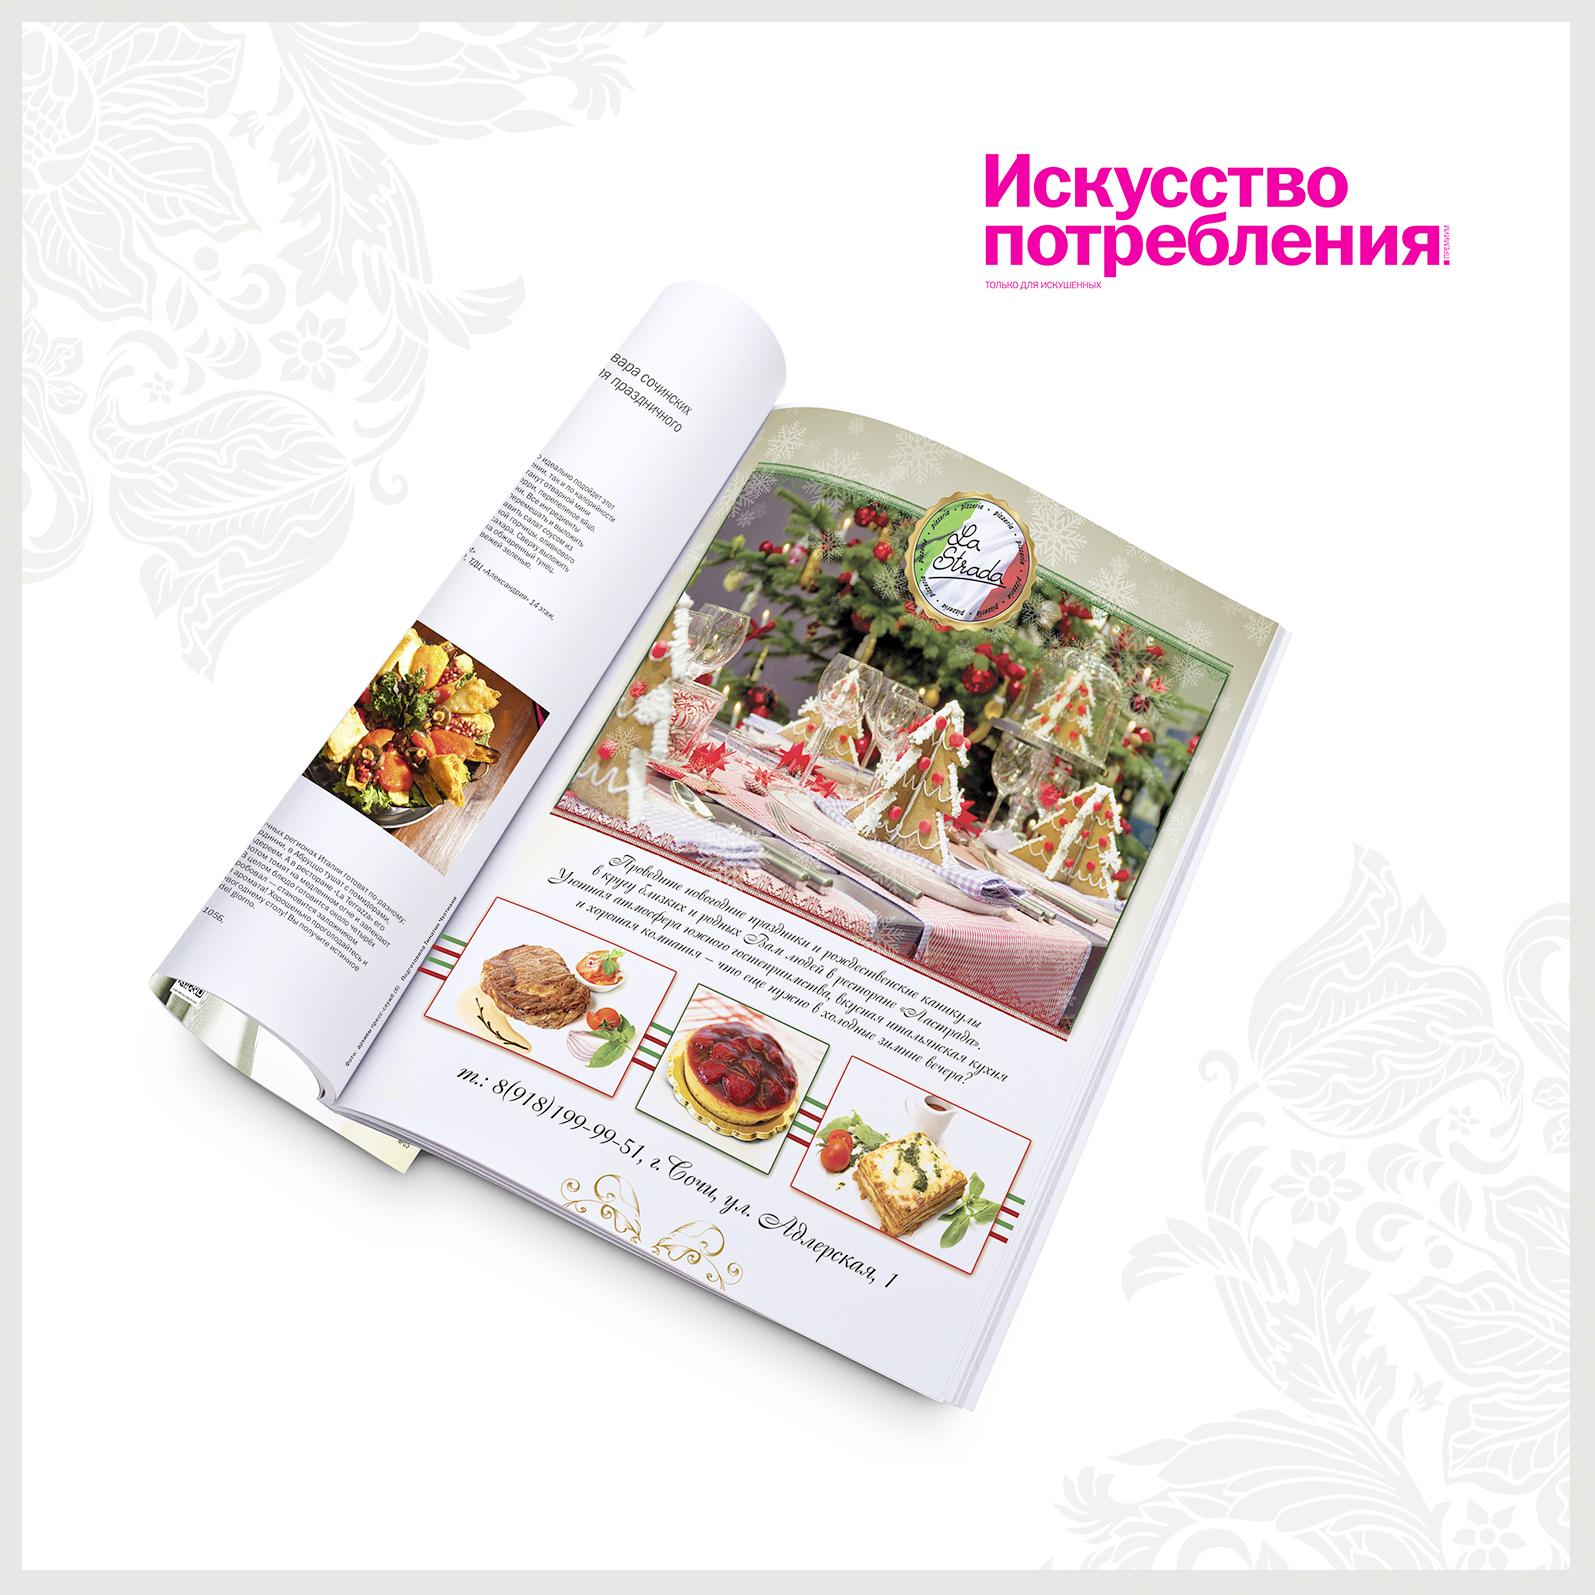 """Журнал """"Искусство потребления"""" (рекламный модуль)"""